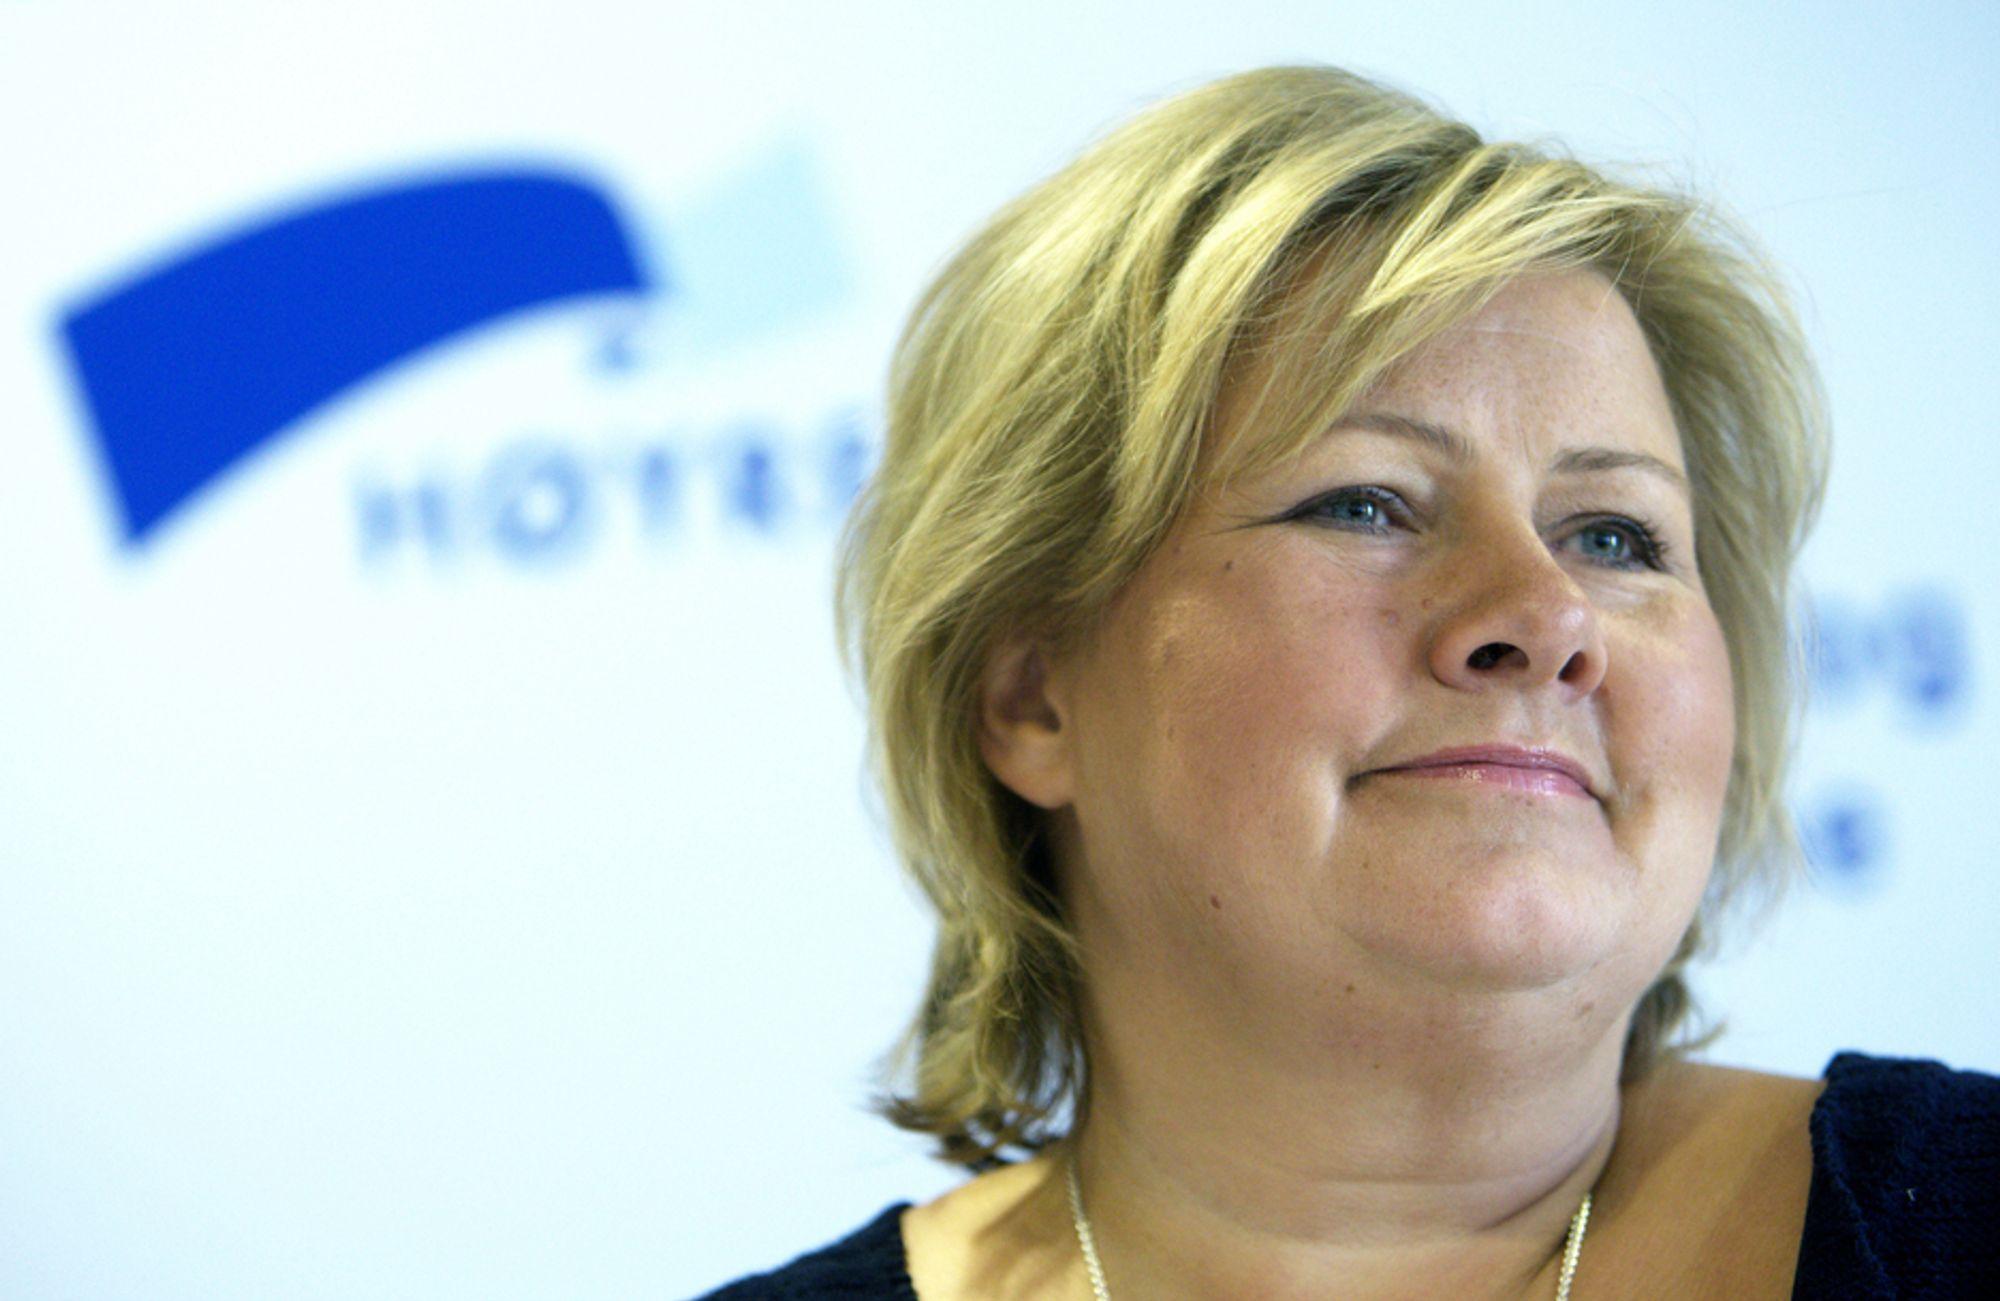 KREVER FORTGANG: Høyre-leder Erna Solberg fastslår at spørsmålet om oljeutvinning utenfor Lofoten og Vesterålen blir en viktig del av en eventuell borgerlig regjeringsforhandling til høsten.